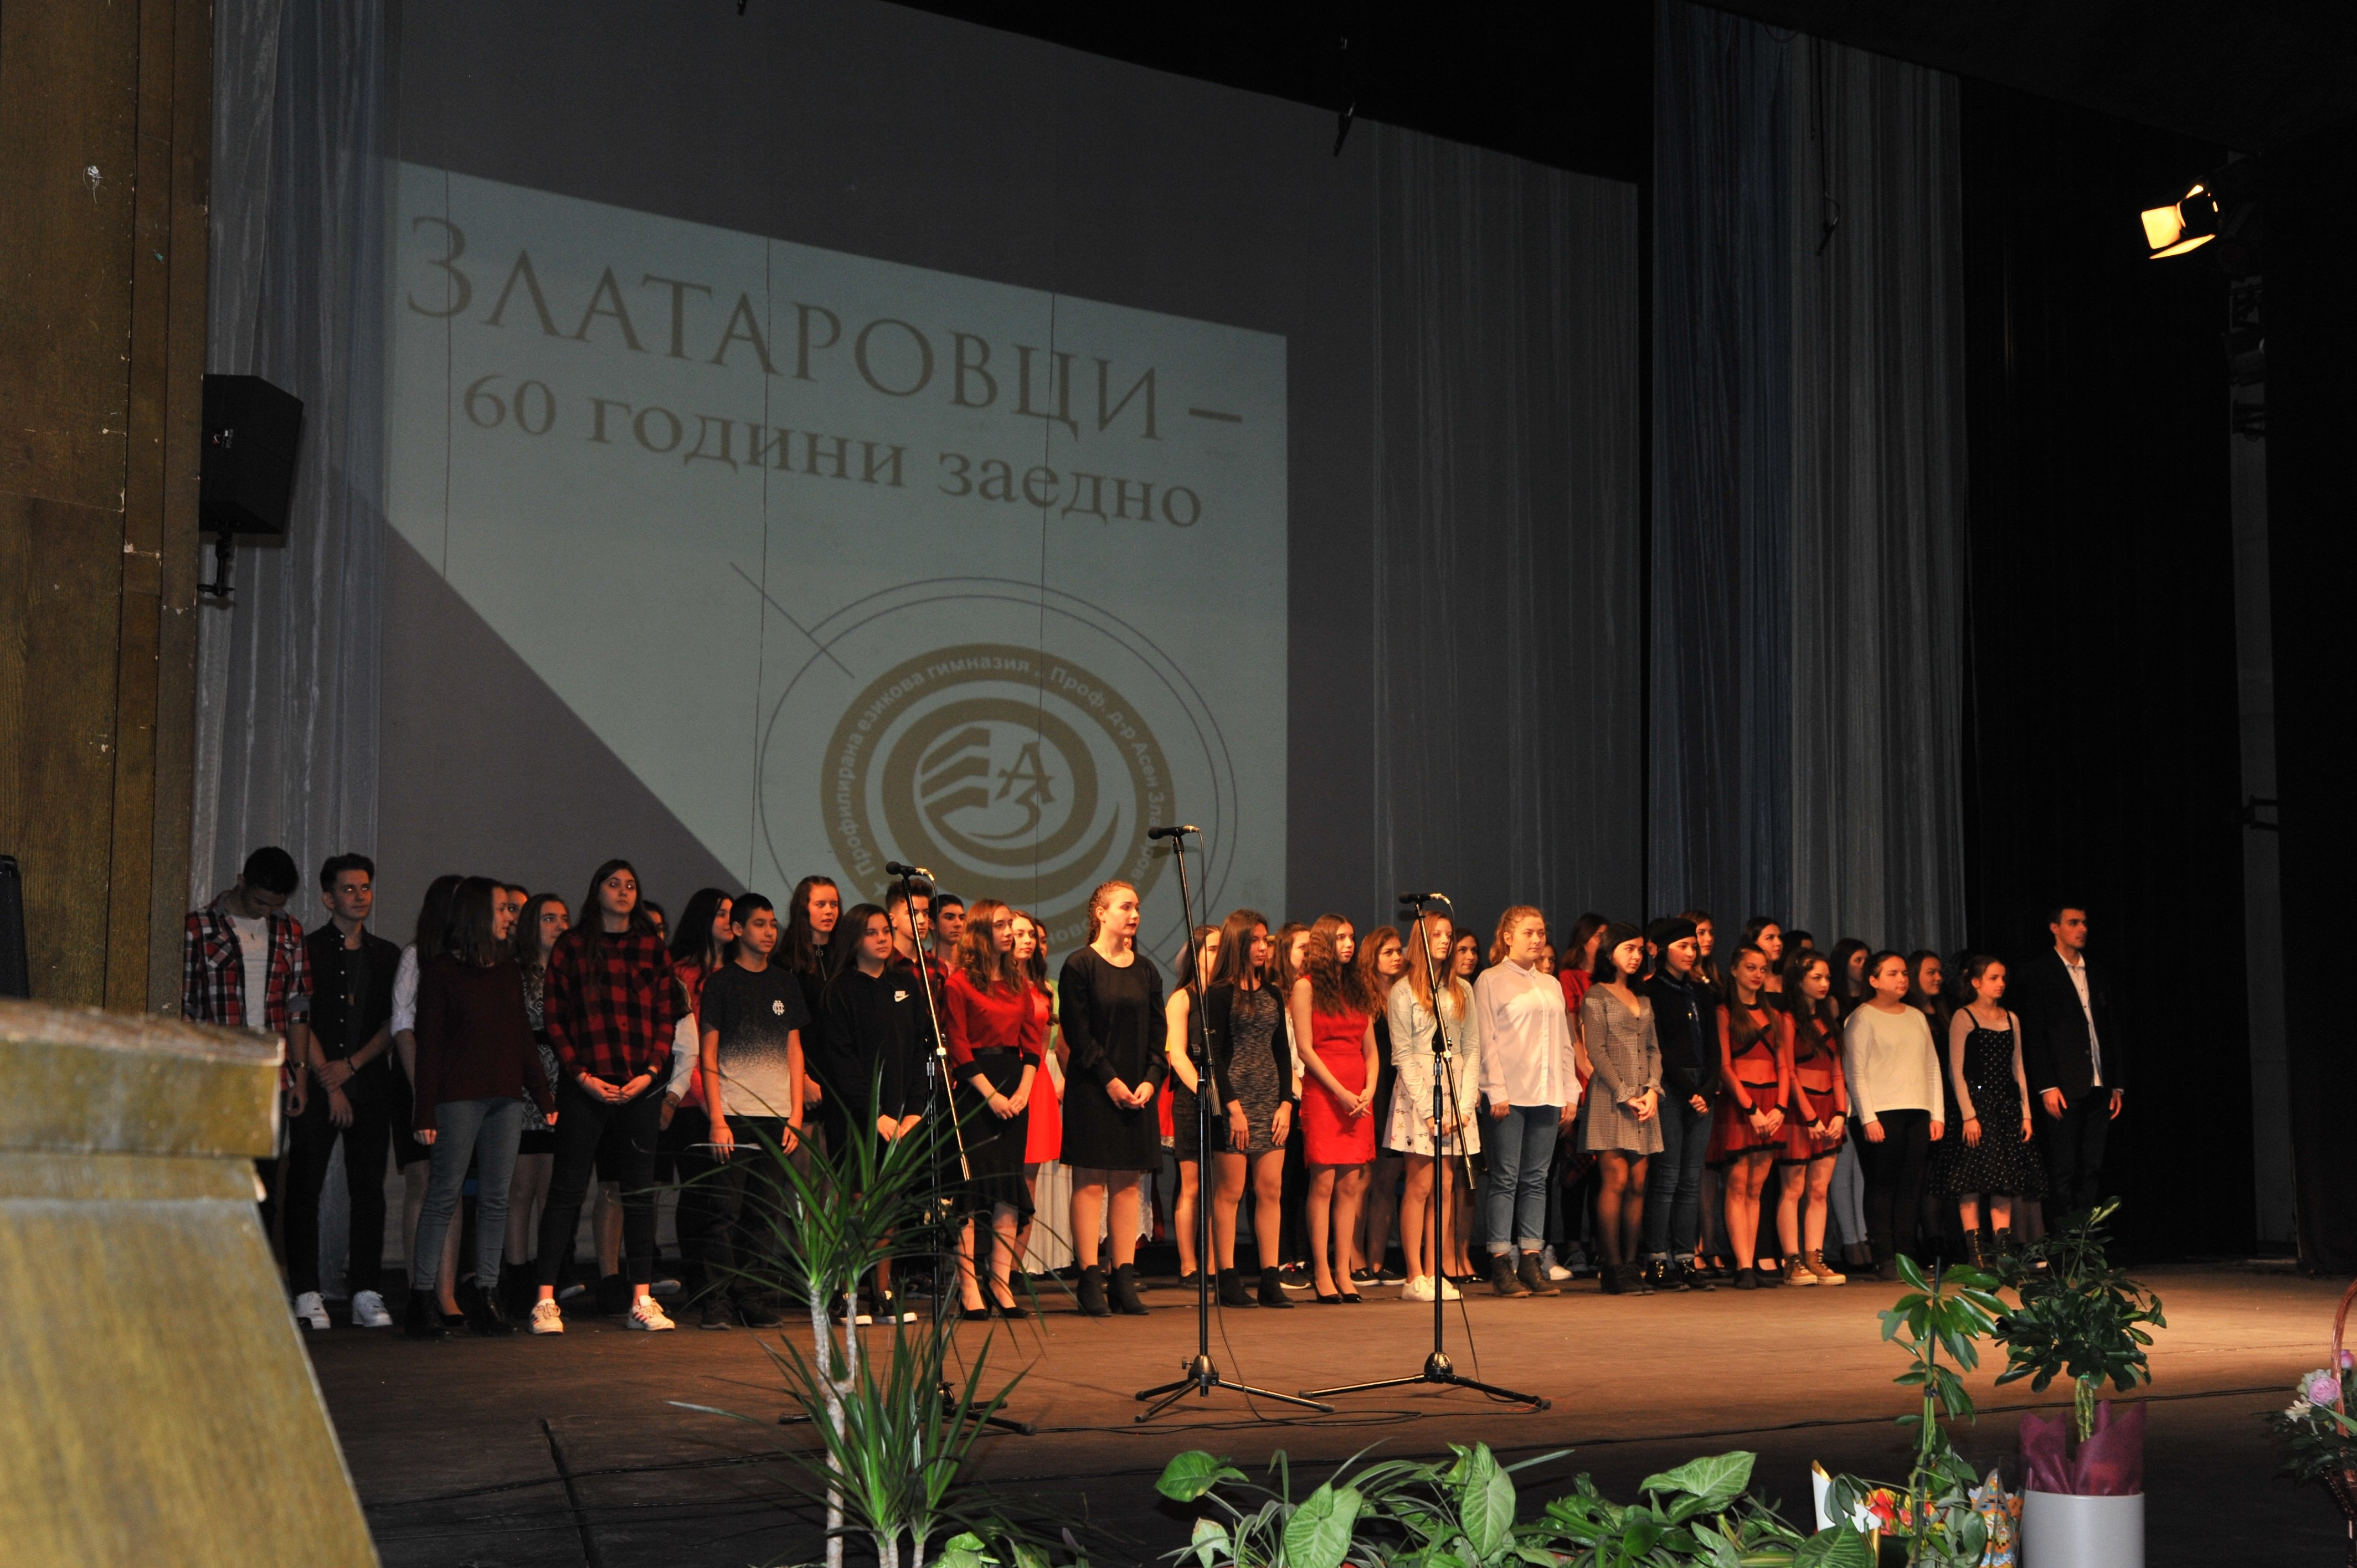 ЗЛАТАРОВЦИ - 60 ГОДИНИ ЗАЕДНО!